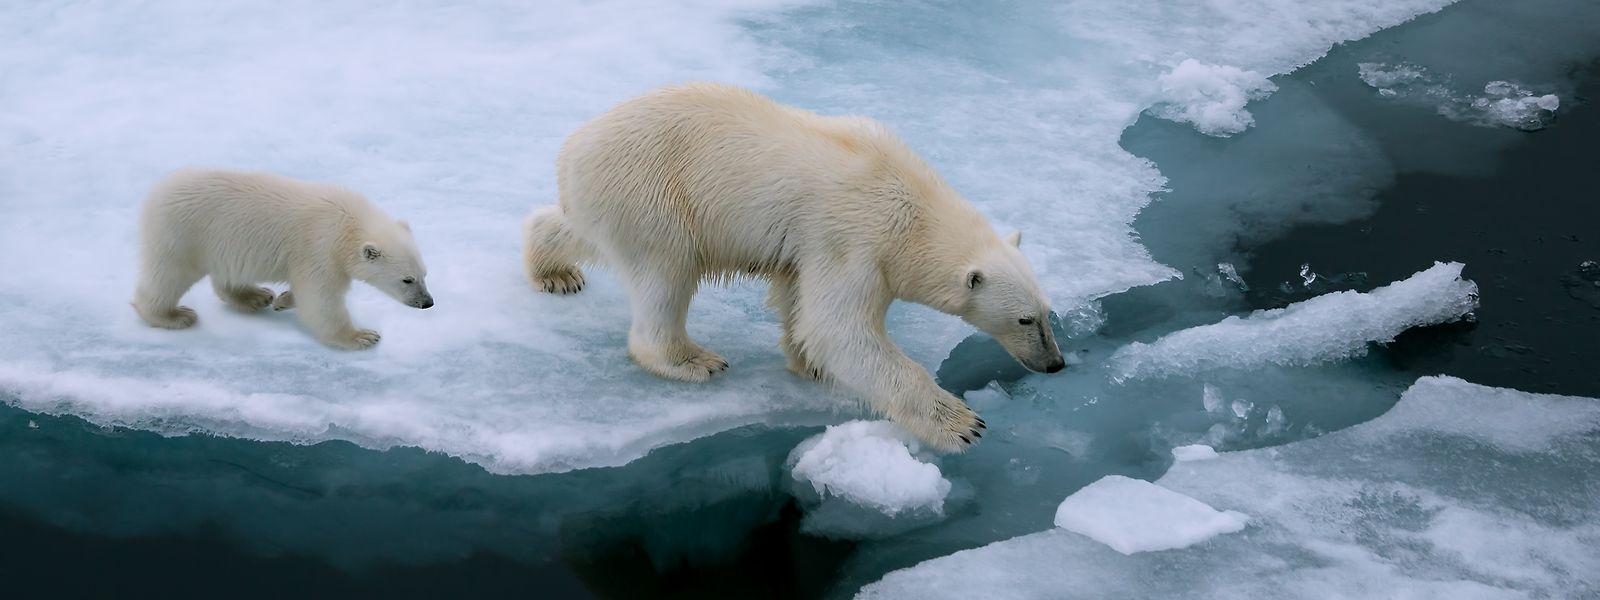 Das Abschmelzen des Eises stellt nicht nur für die Eisbären ein Problem dar.